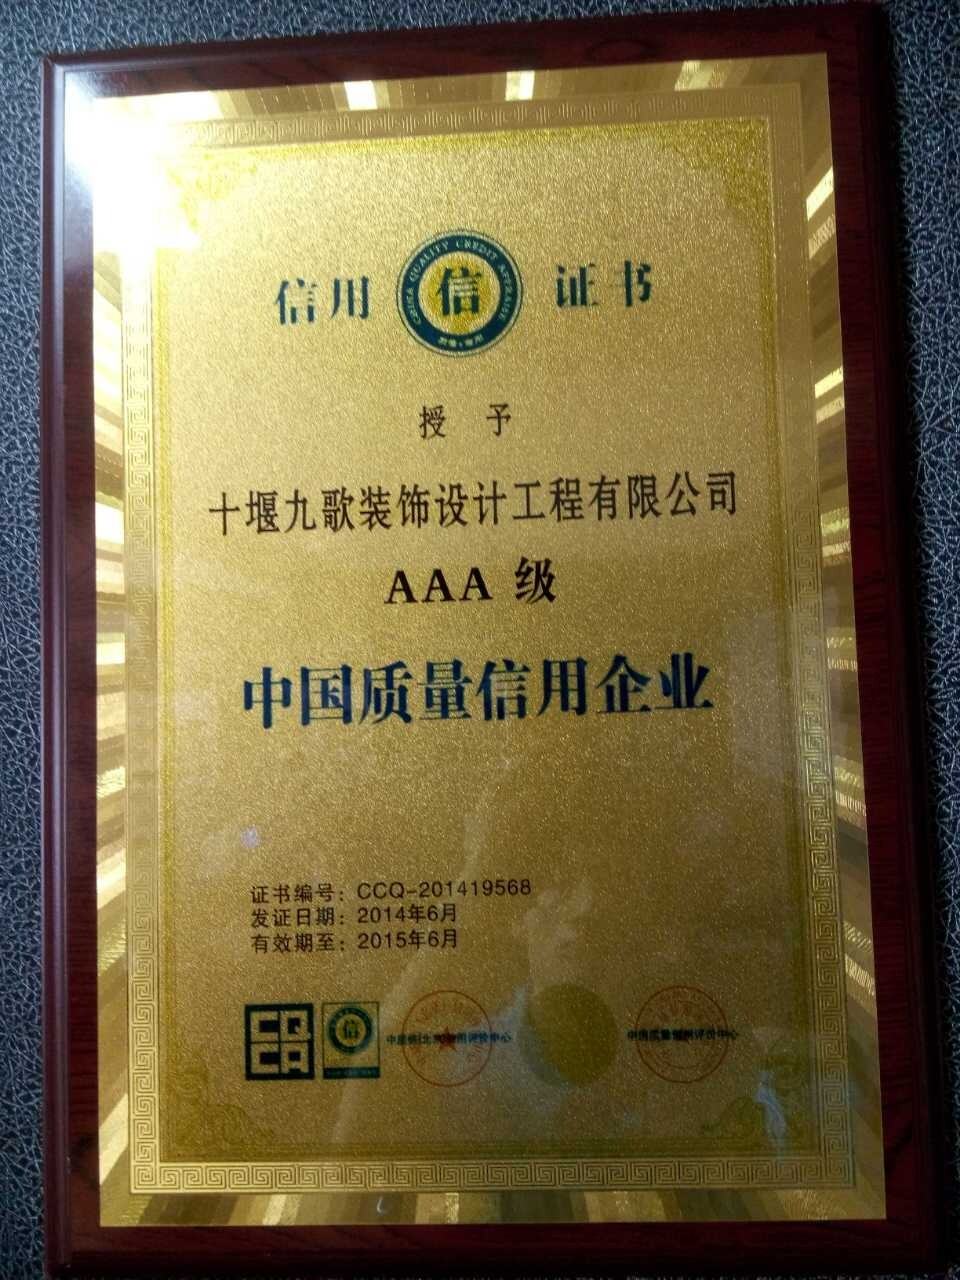 AAA级中国质量信用企业证书